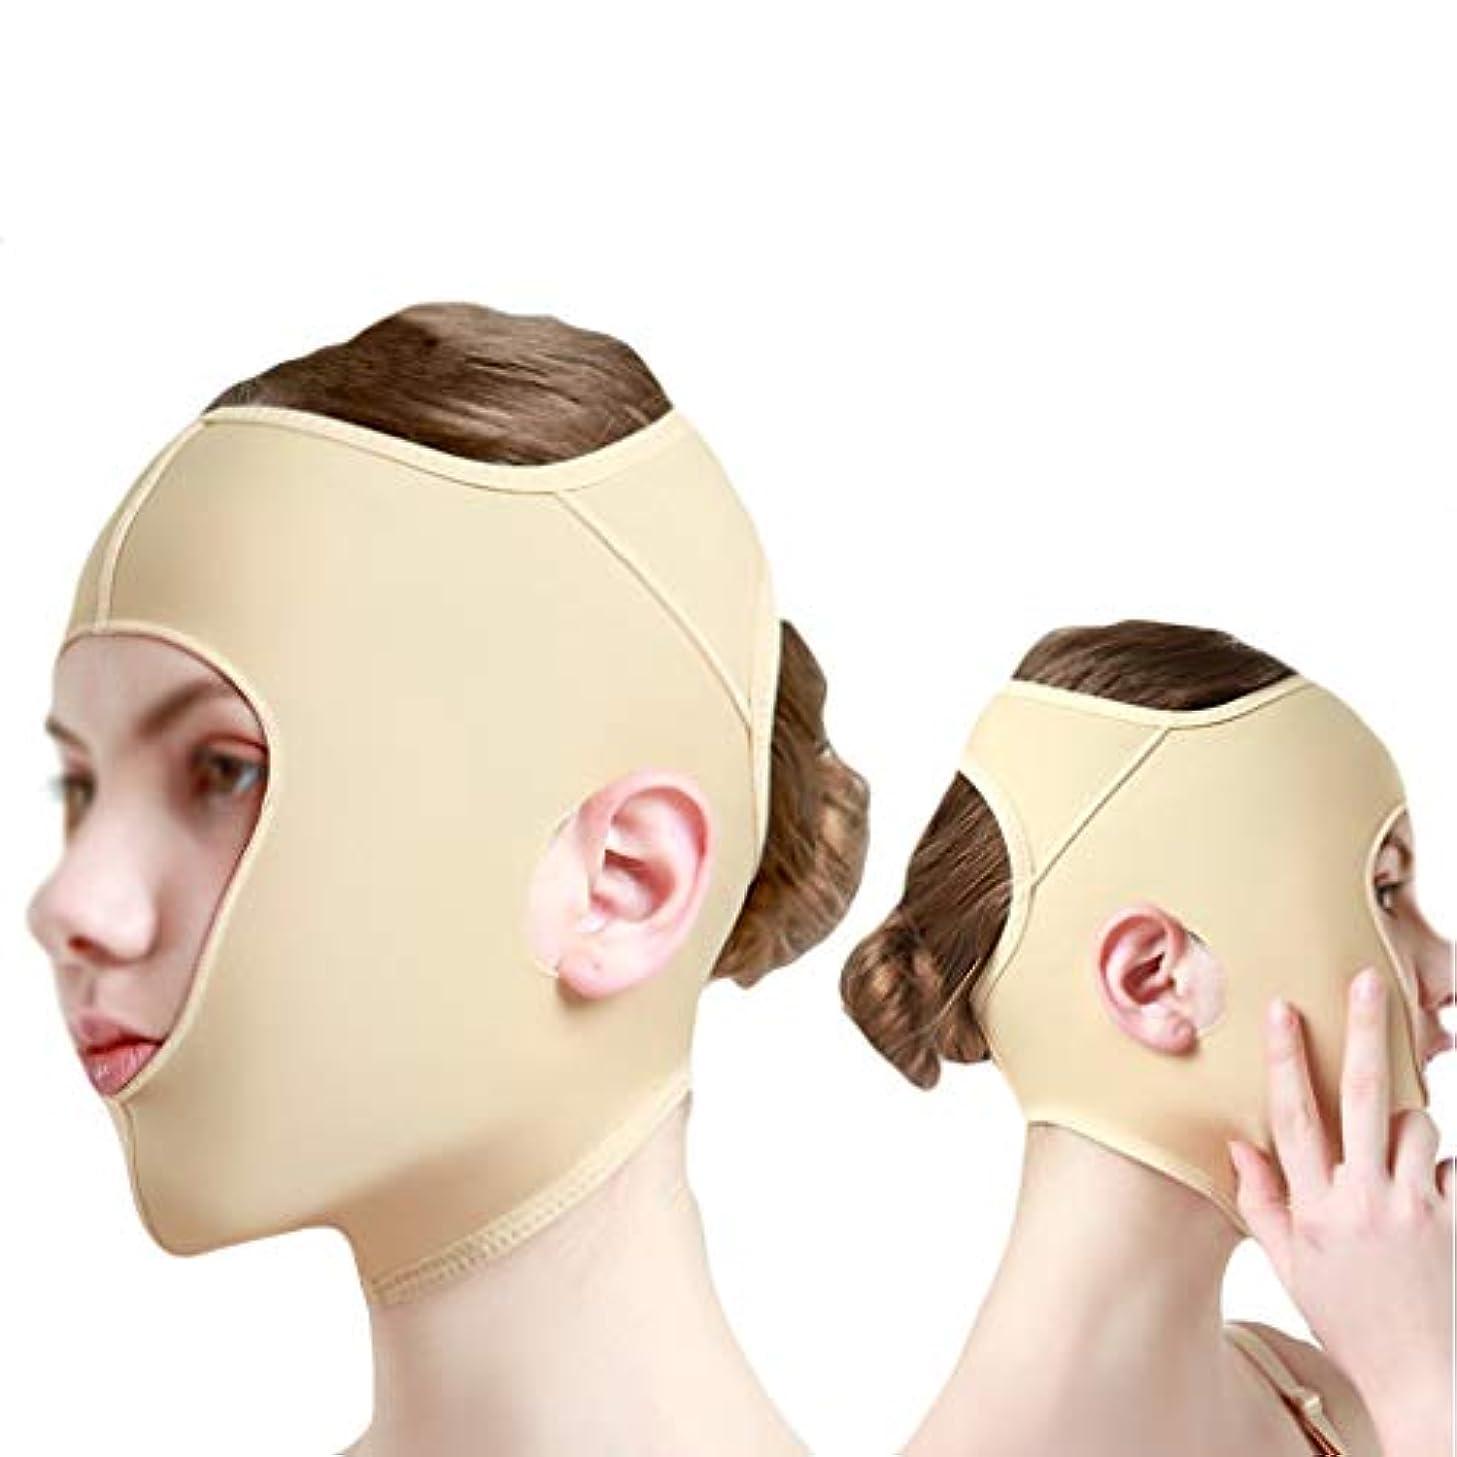 赤面触手闘争XHLMRMJ 顔の彫刻ツール、脂肪吸引フード、二重あご包帯、ストレッチマスク (Size : M)